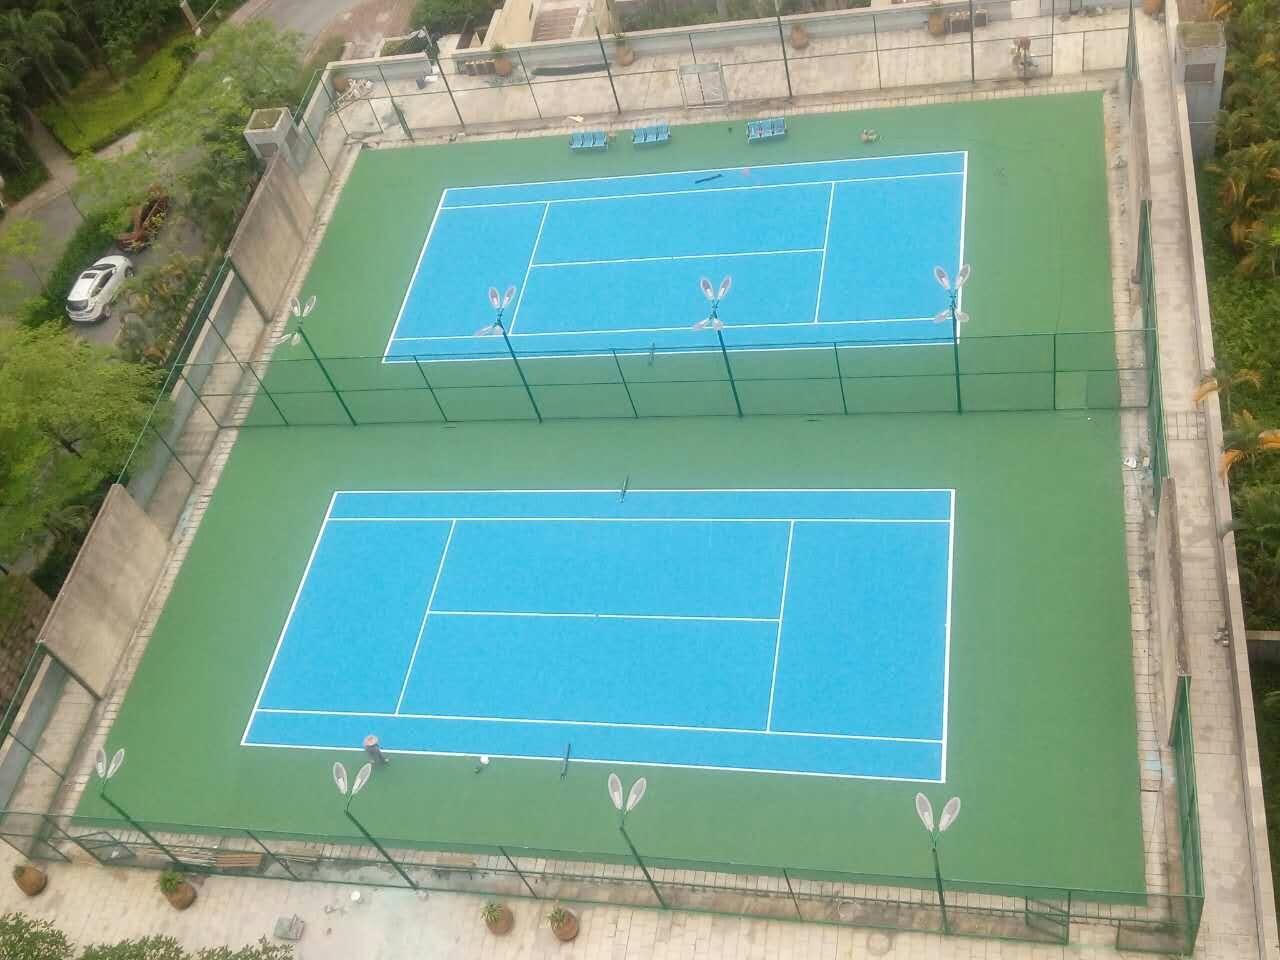 锦绣荣城标准网球场